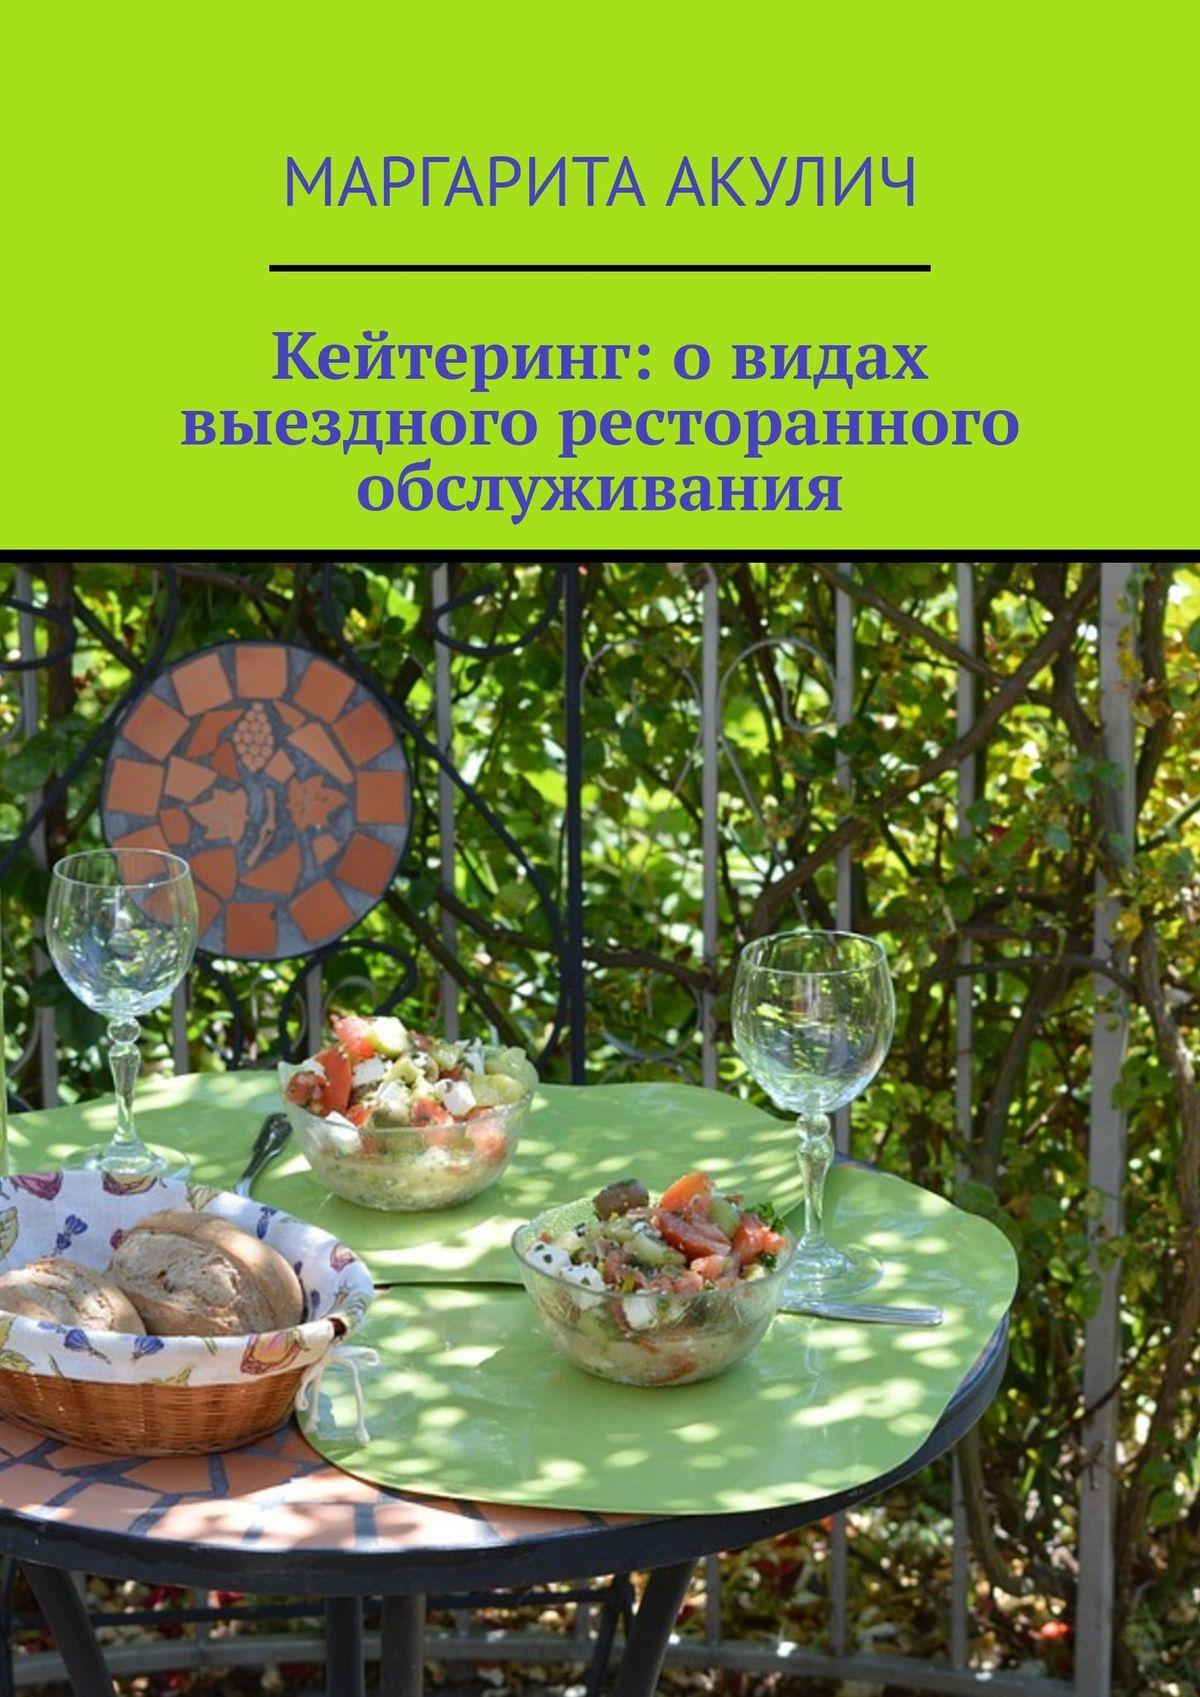 Маргарита Акулич Кейтеринг: о видах выездного ресторанного обслуживания маргарита акулич магический сервис яндекс дзен